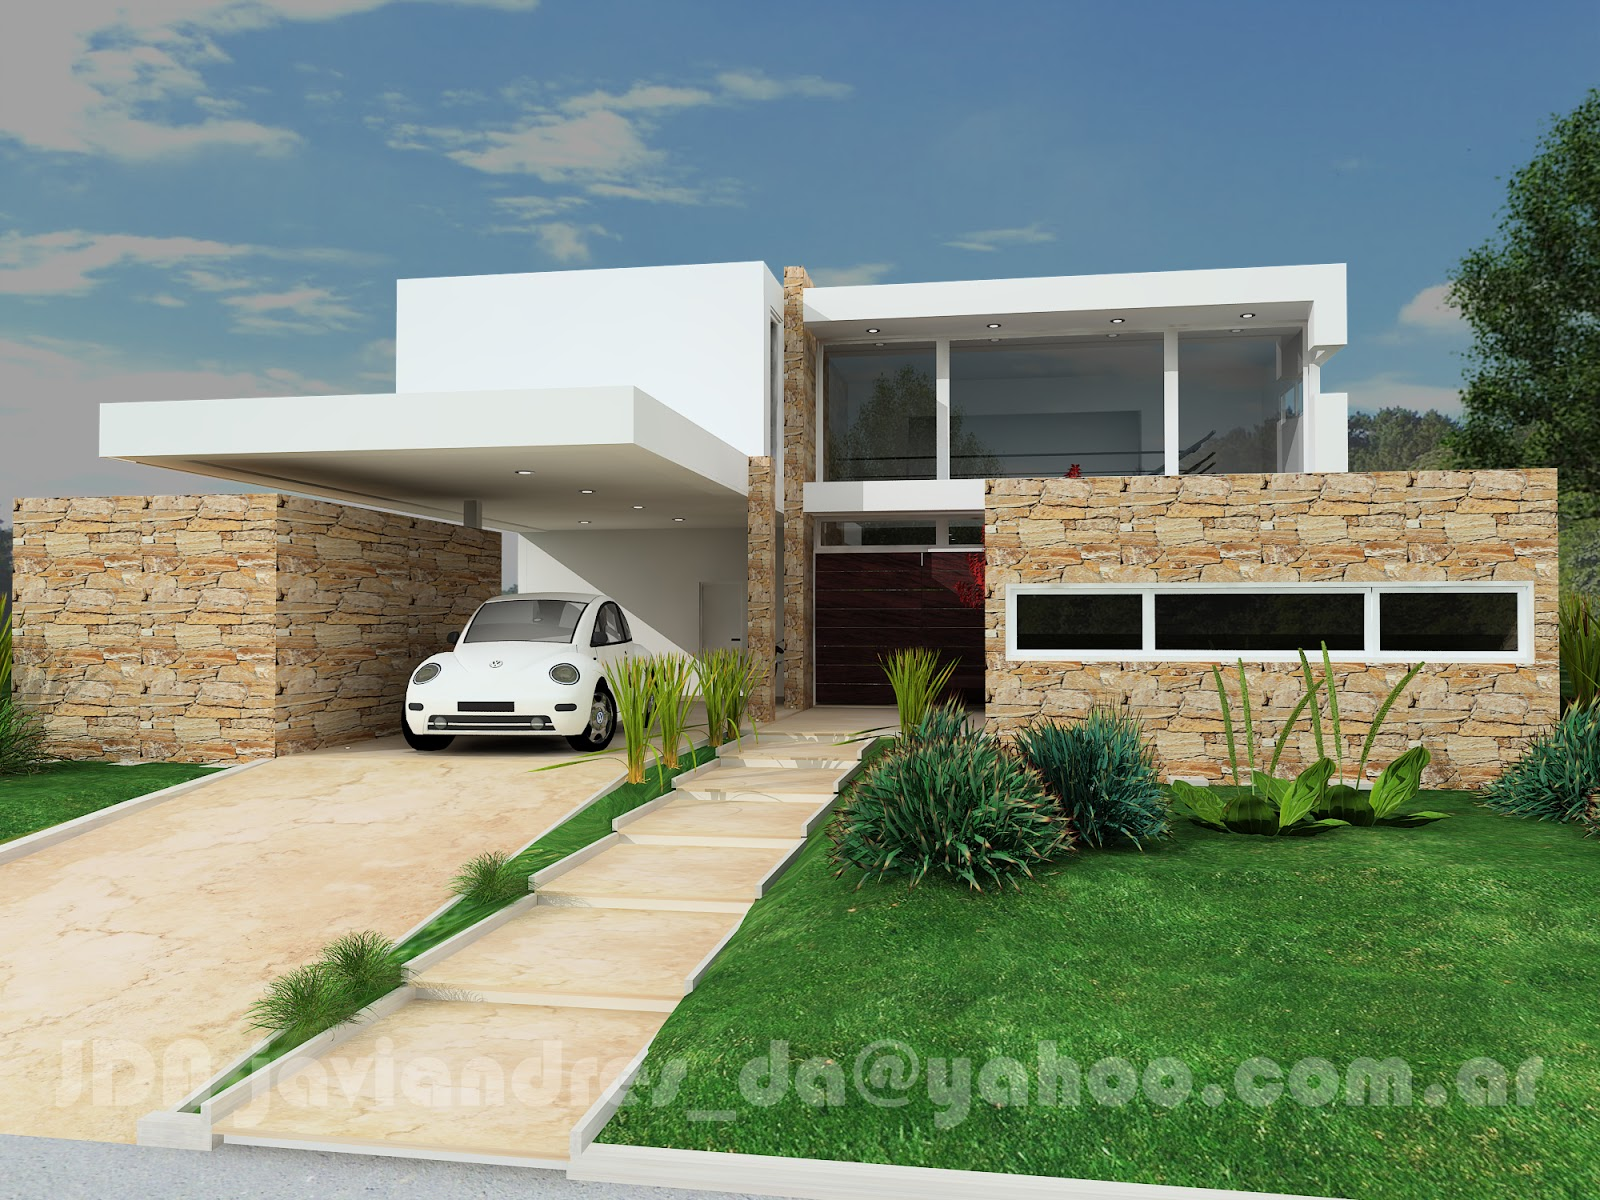 imagen arquitectura: